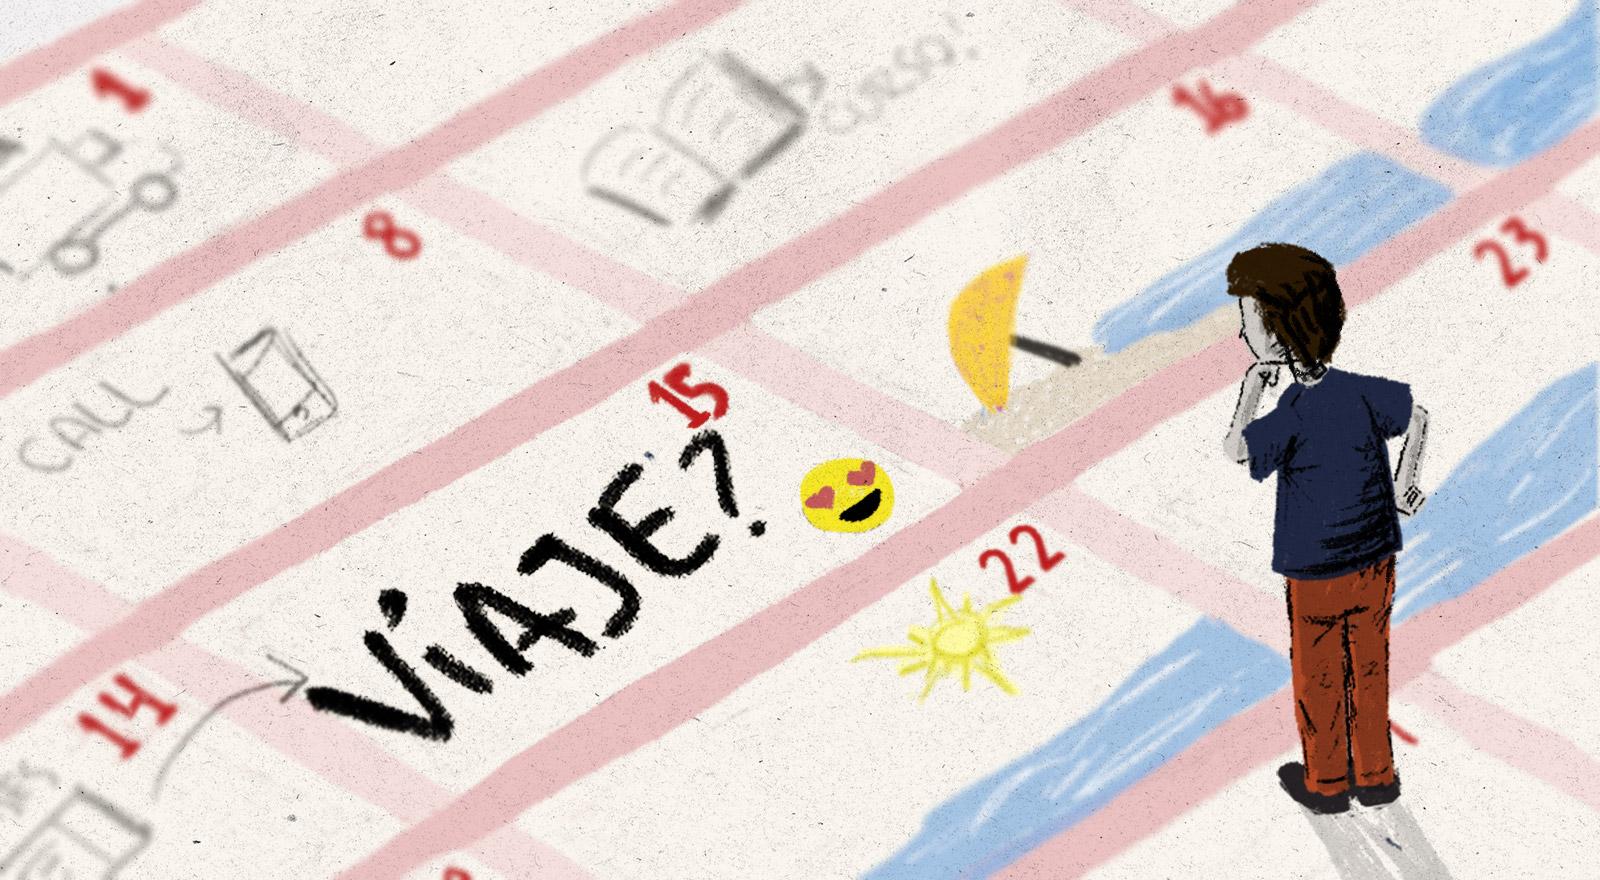 Hacer planes en cuarentena: la necesidad de esperanza ante la incertidumbre